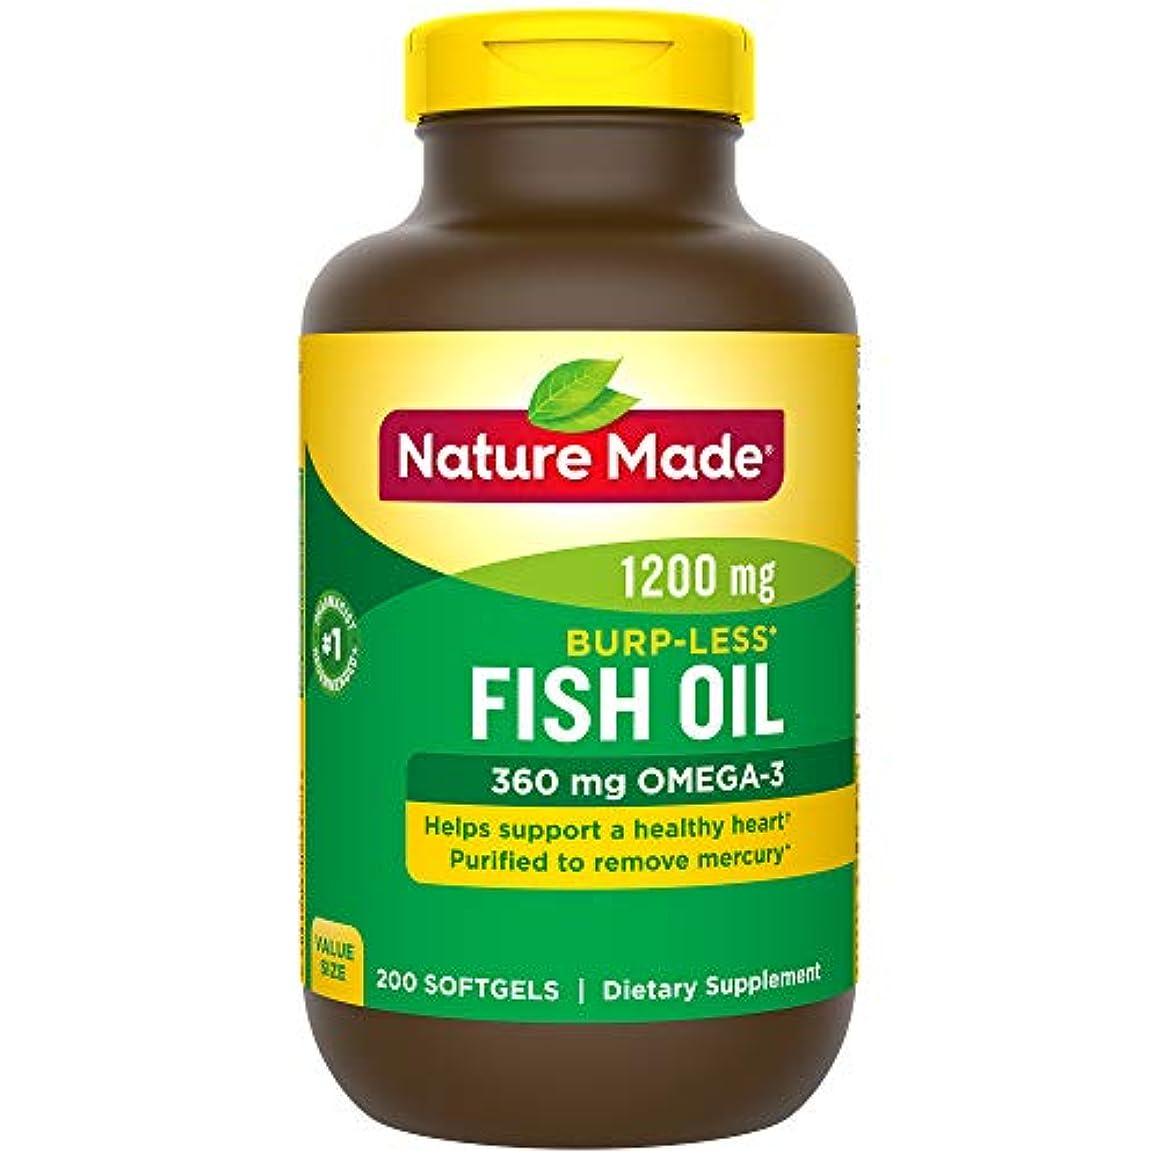 ボーカルシャイニング疾患Nature Made Fish Oil 1200 Mg Burp-less, Value Size, 200-Count 海外直送品